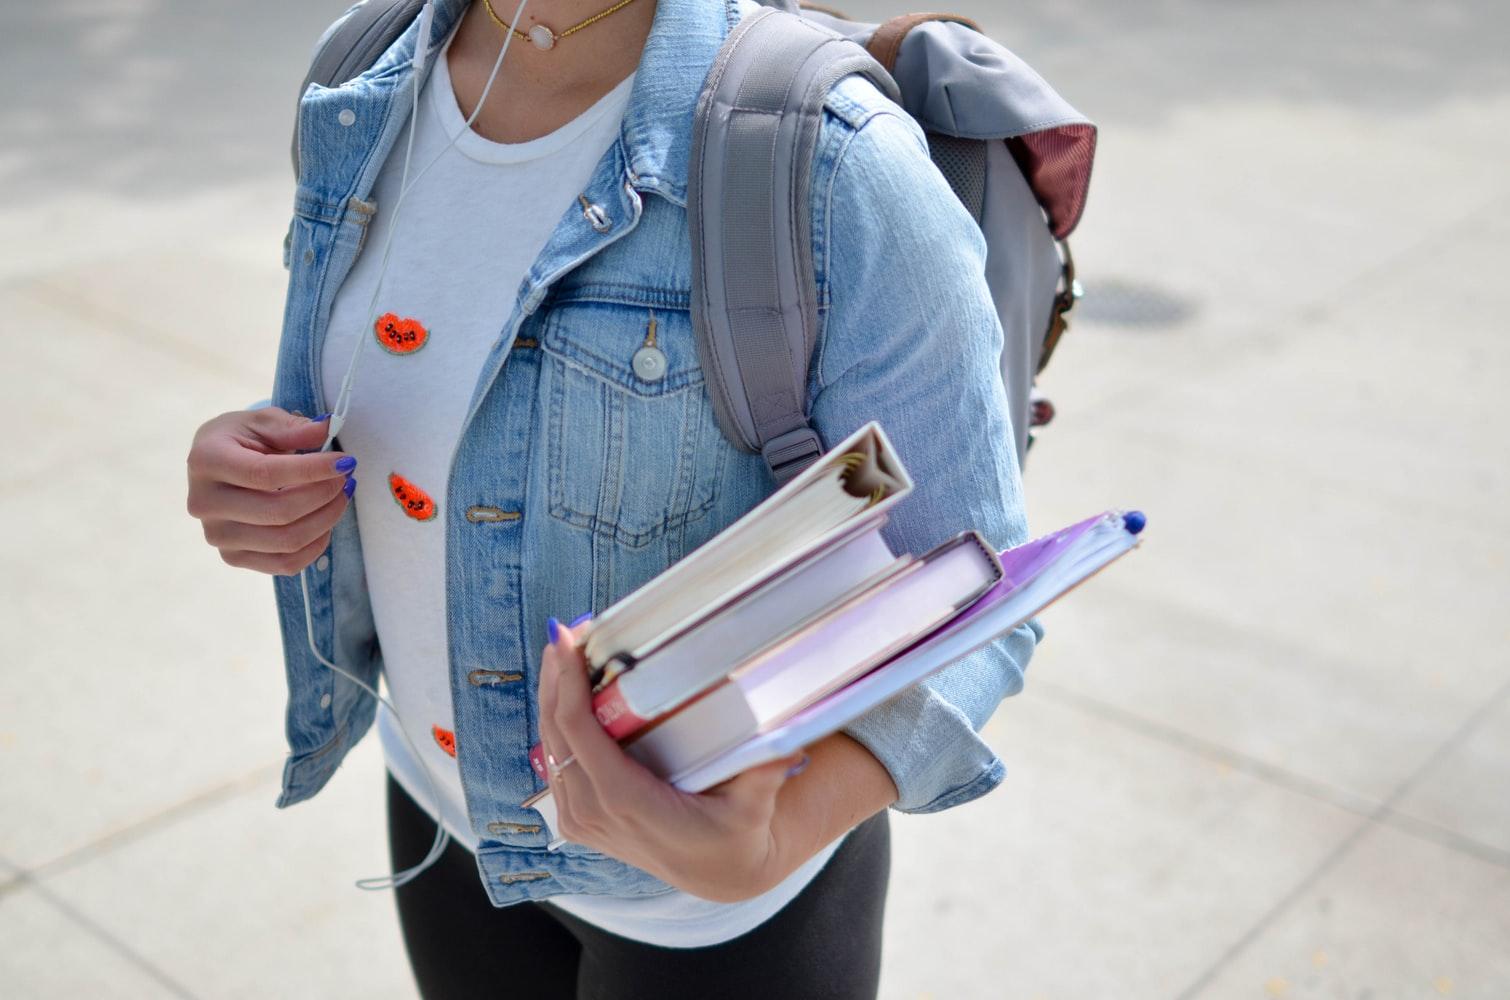 Libri scolastici in mano a uno studente